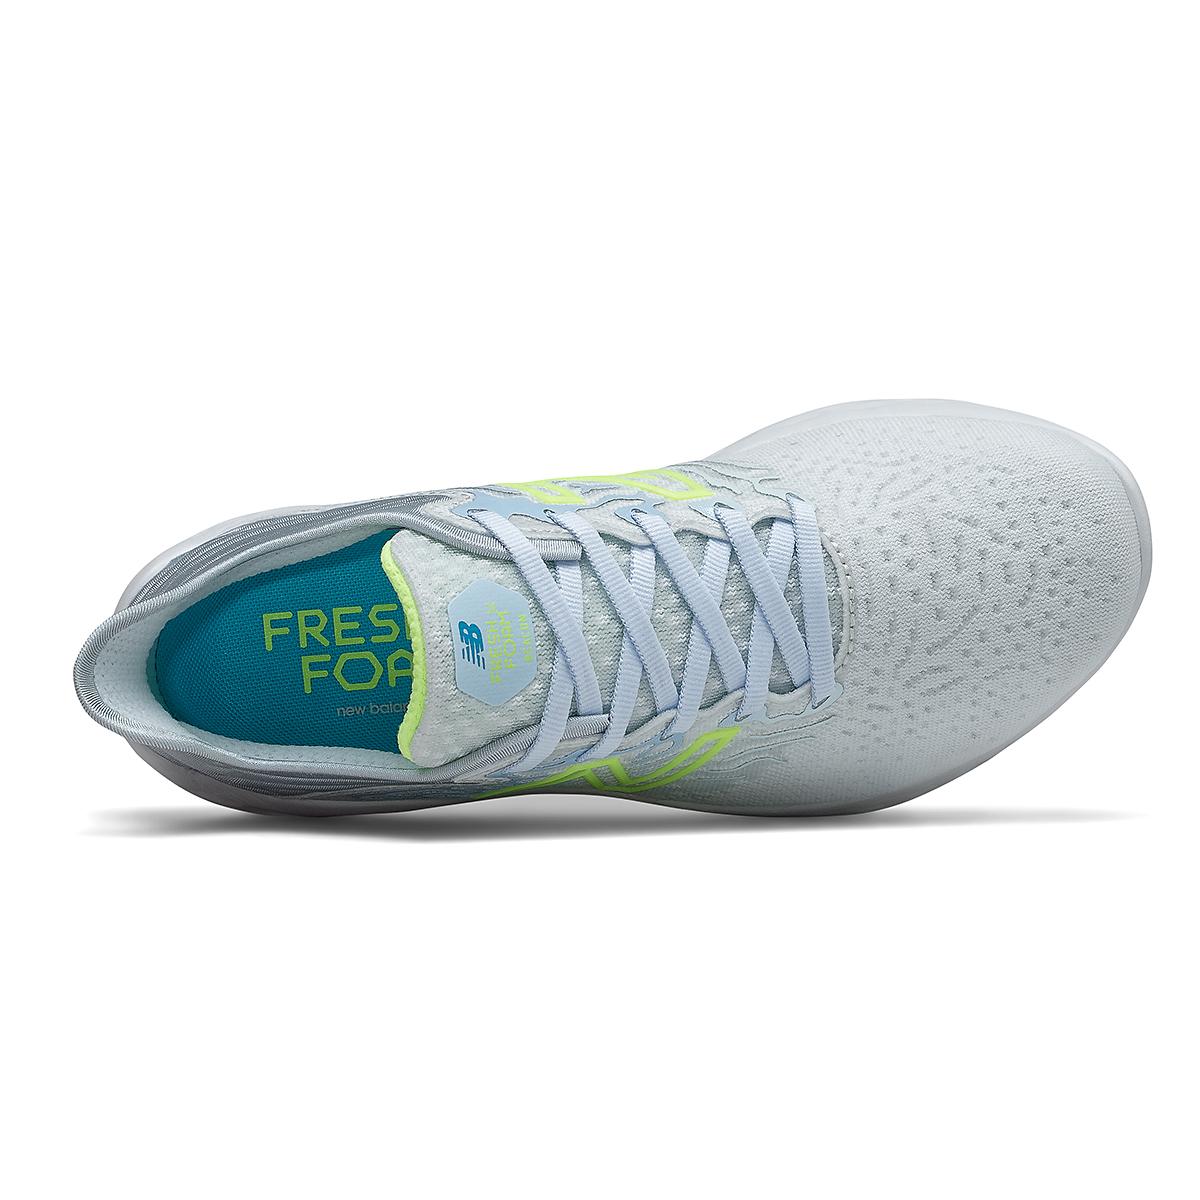 Women's New Balance Beacon V3 Running Shoe - Color: Star Glo/Bleacher Lime Glo - Size: 7 - Width: Regular, Star Glo/Bleacher Lime Glo, large, image 3